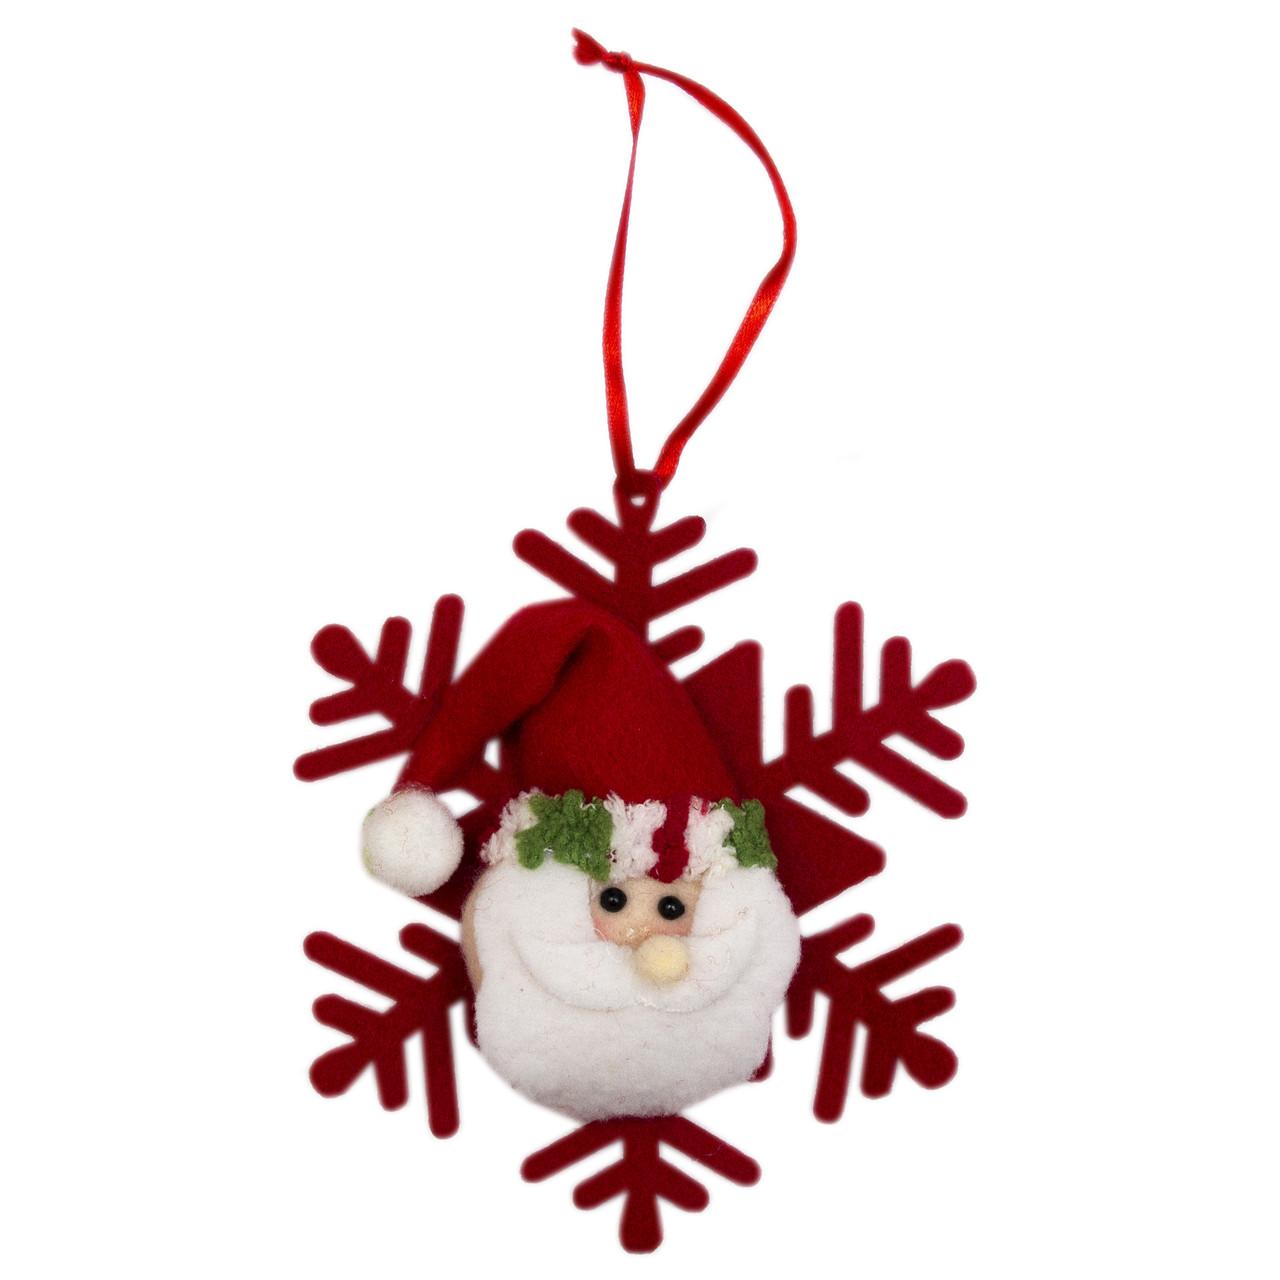 Елочное украшение из ткани, Снежинки - Дед Мороз (430451-1)